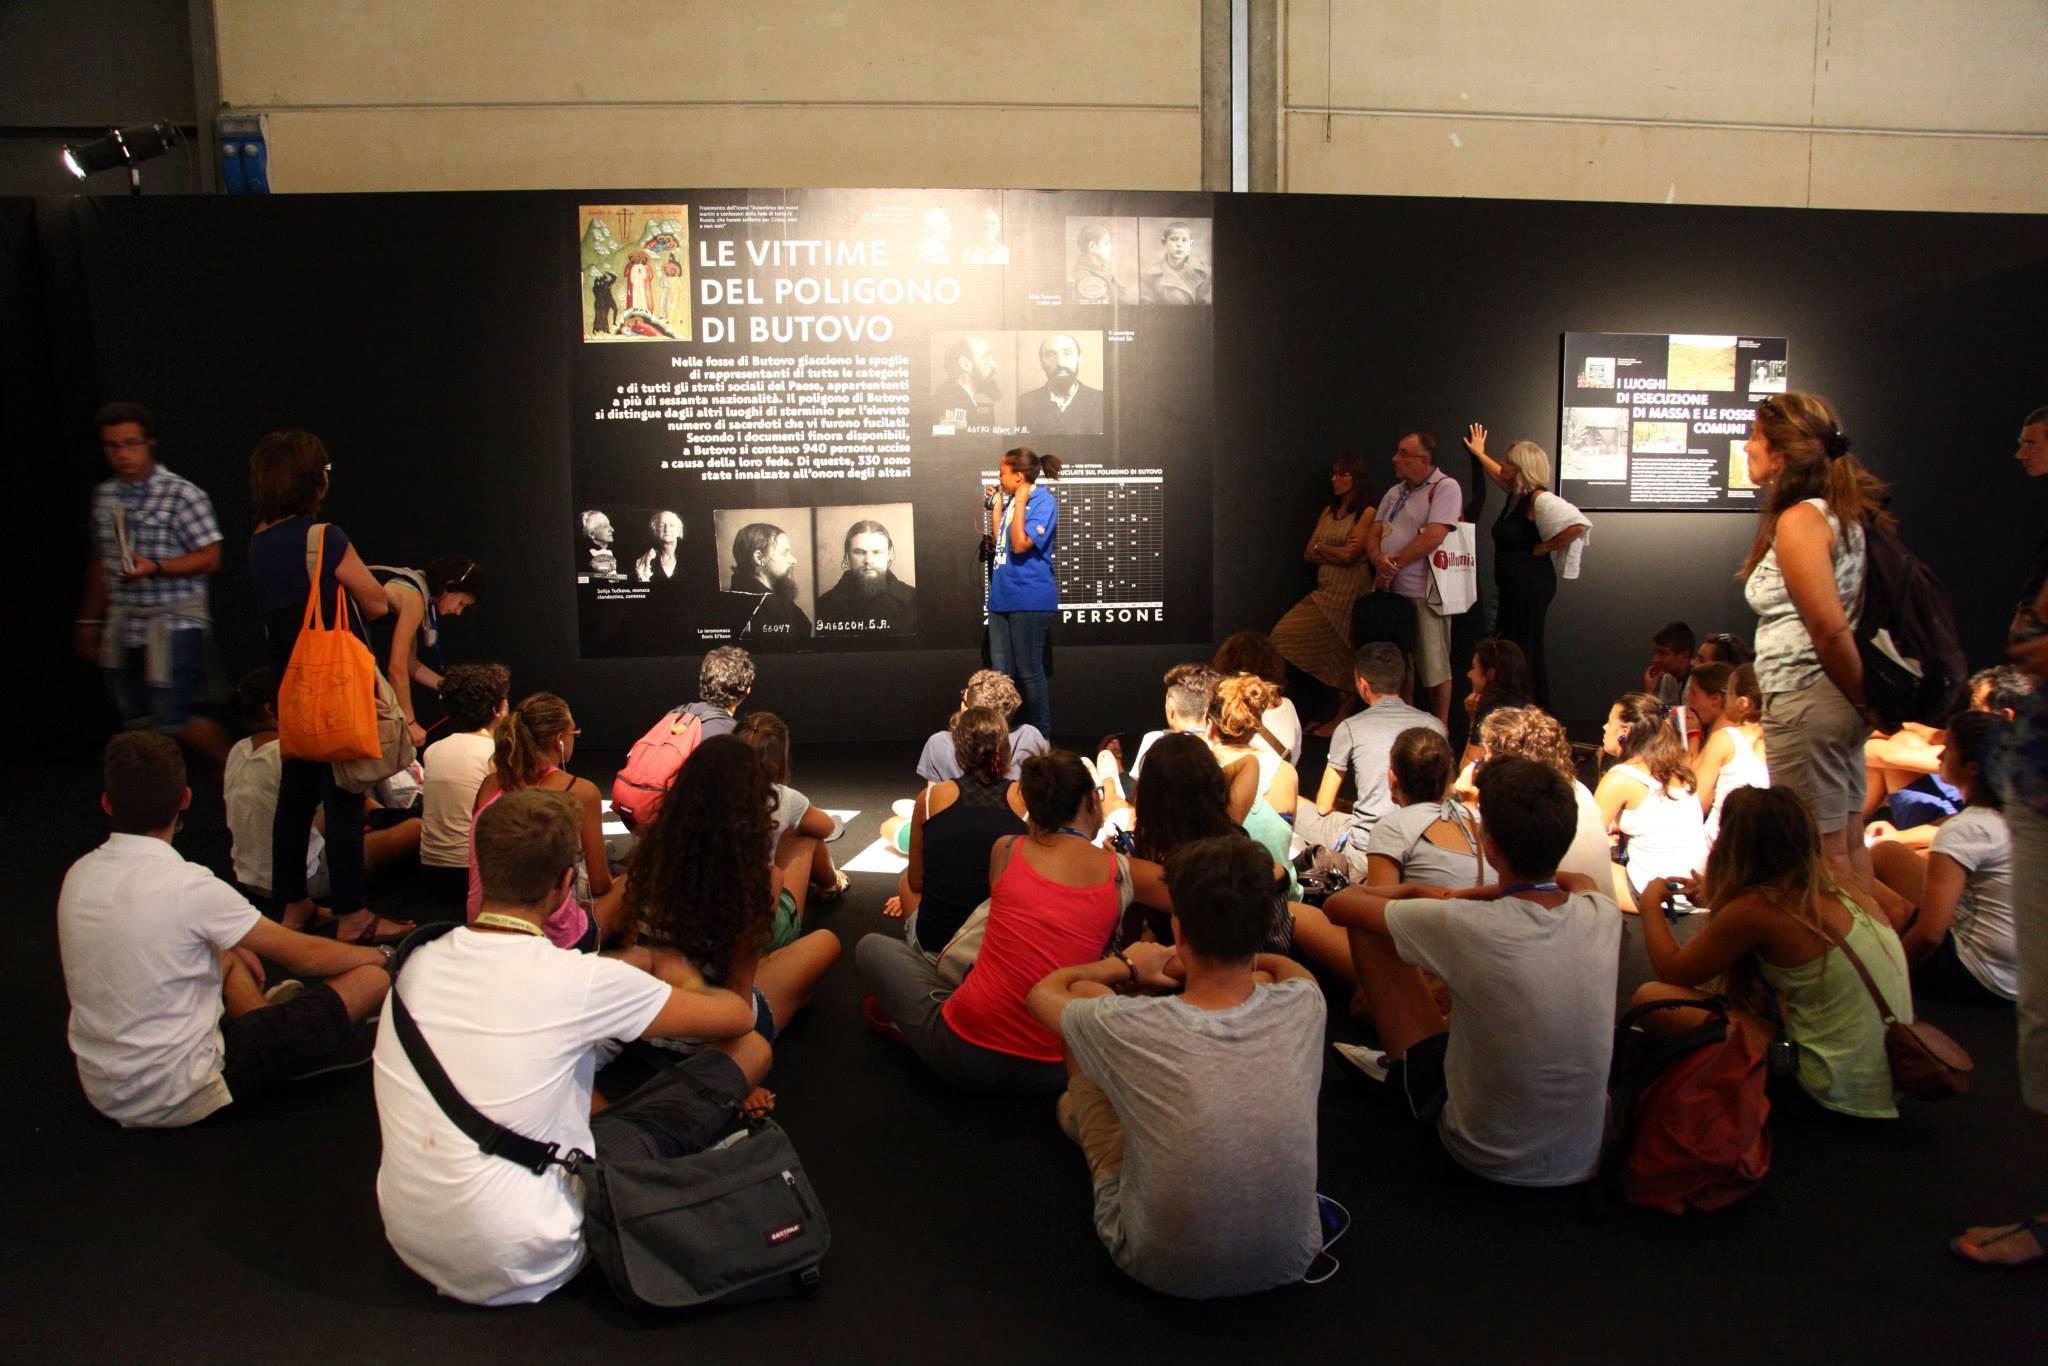 Выставка «Свет во тьме светит» в Римини